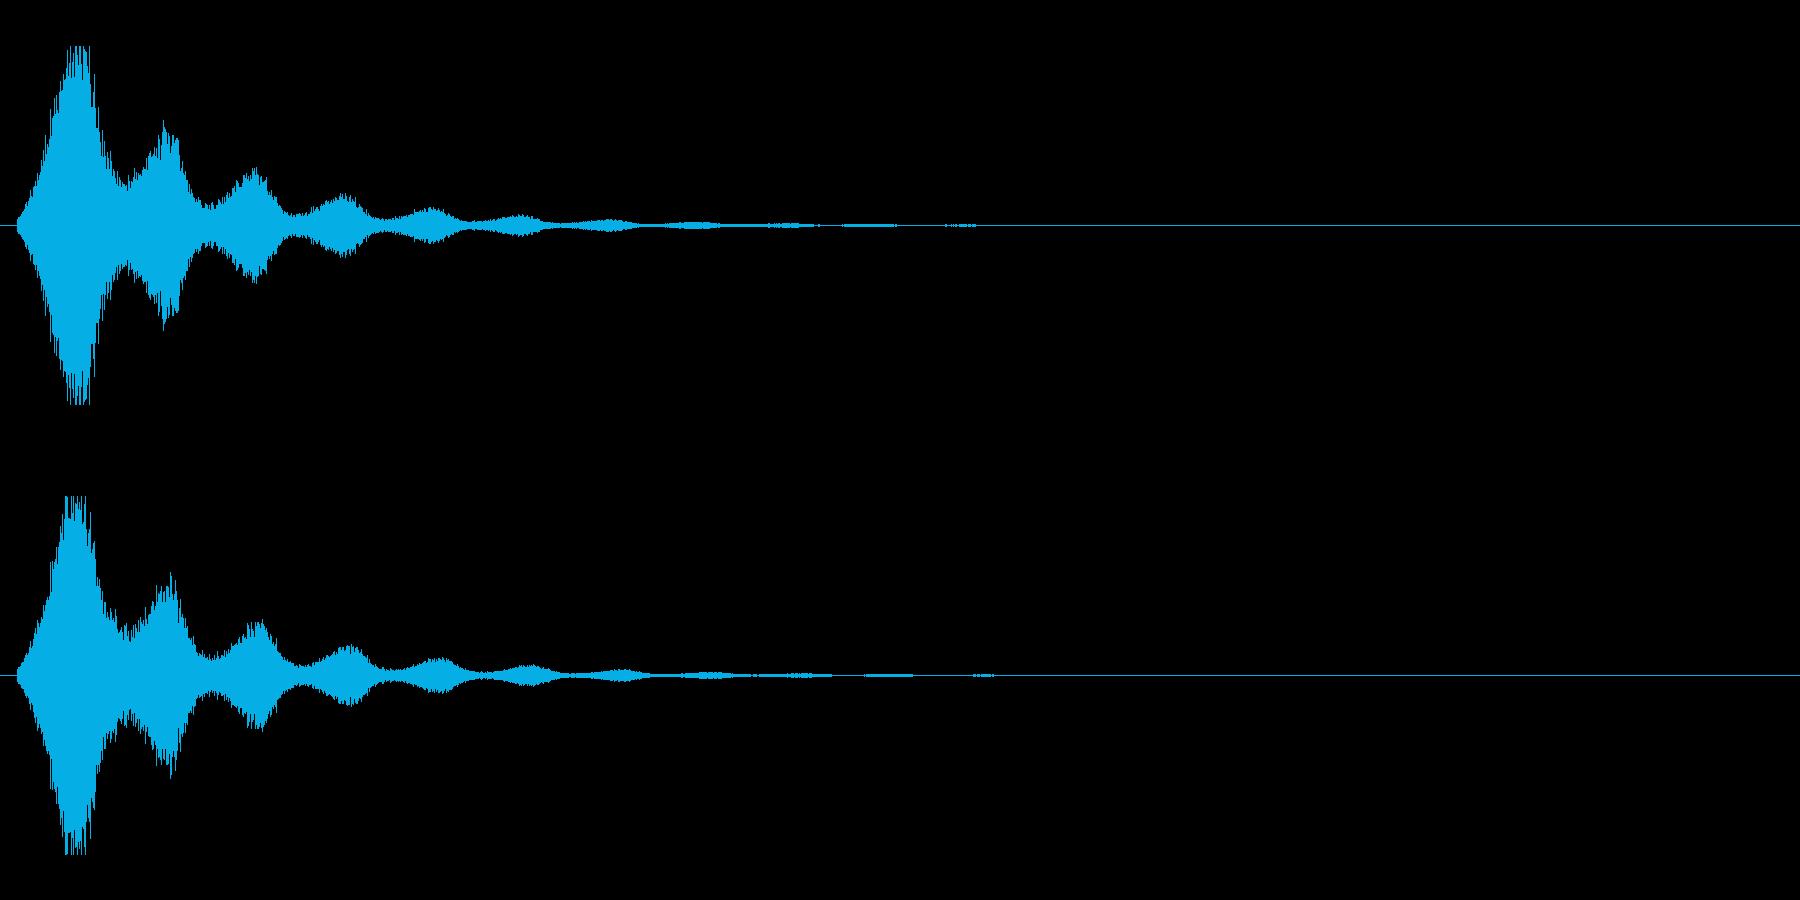 レーザー音-157-2の再生済みの波形